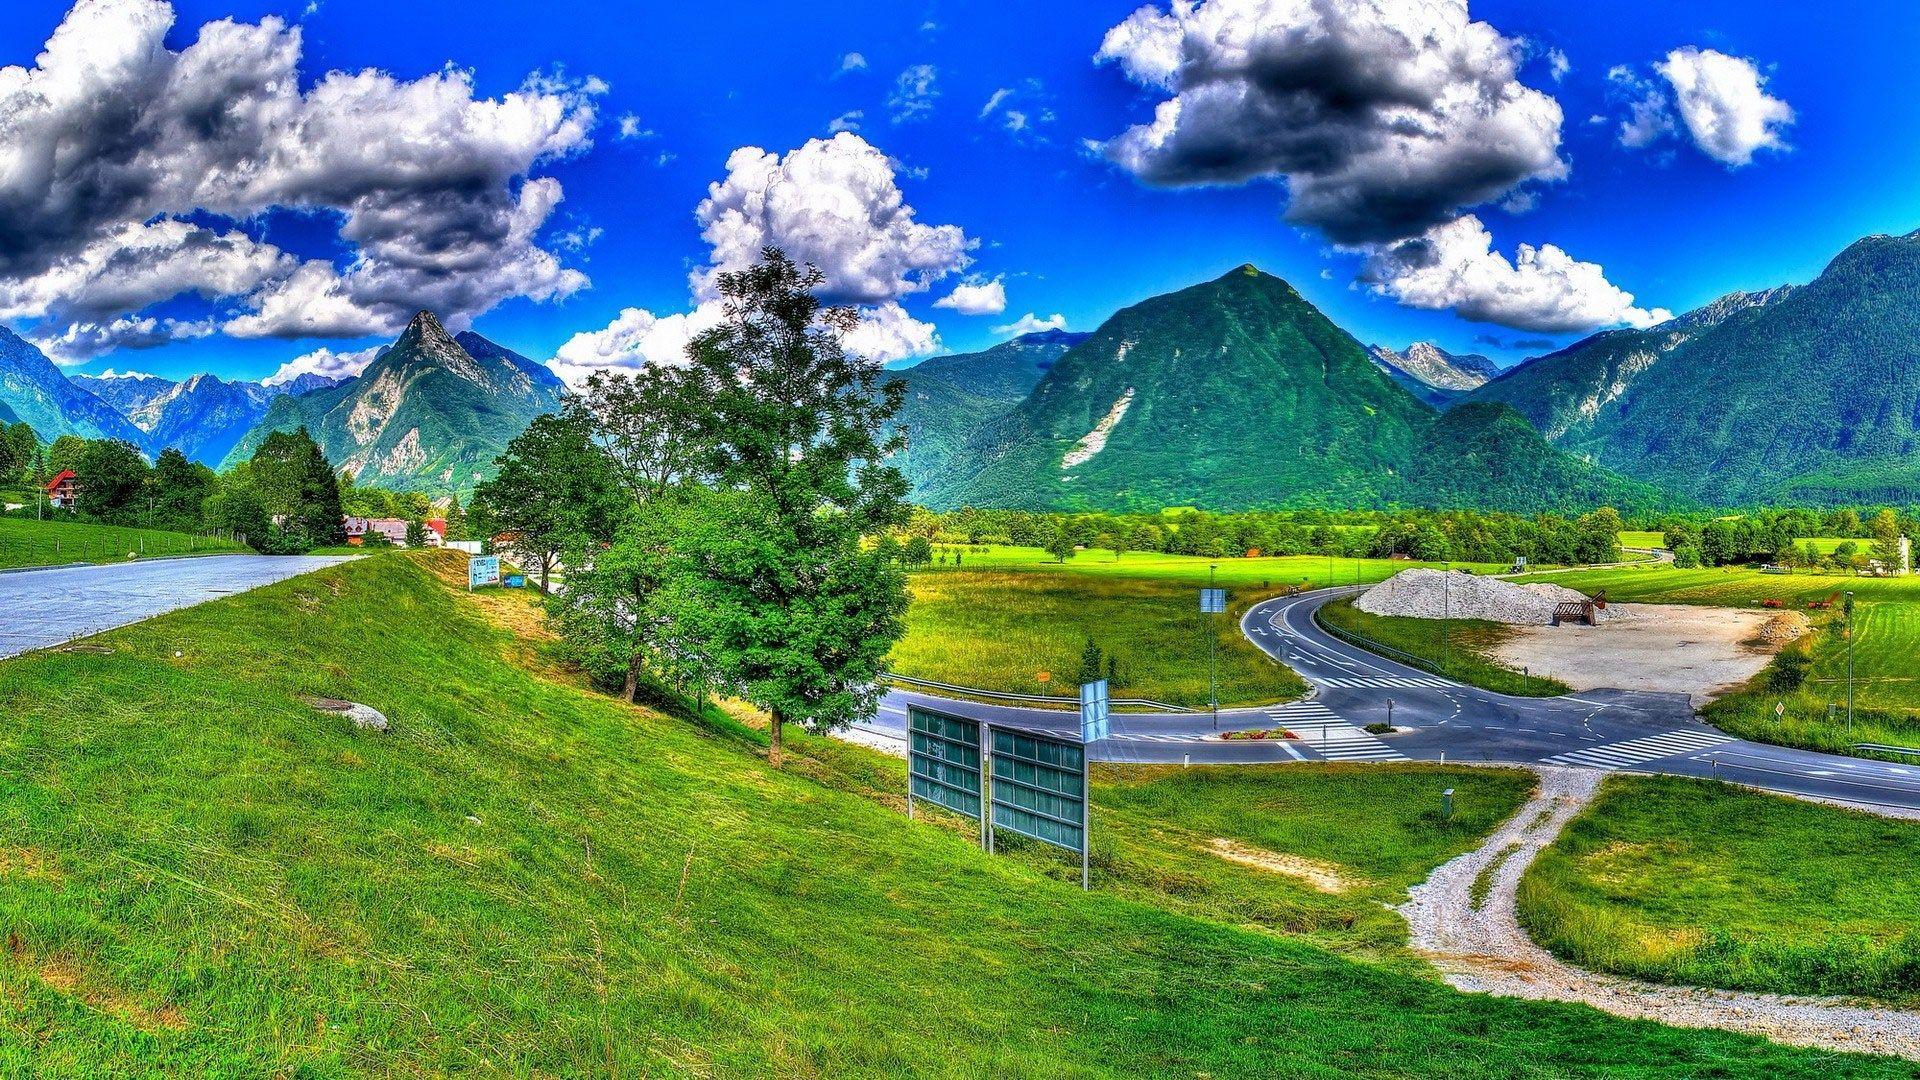 Hd Pics Photos Nature Best Tour Place Europe Desktop Background Hd Nature Wallpapers Landscape Wallpaper Nature Wallpaper